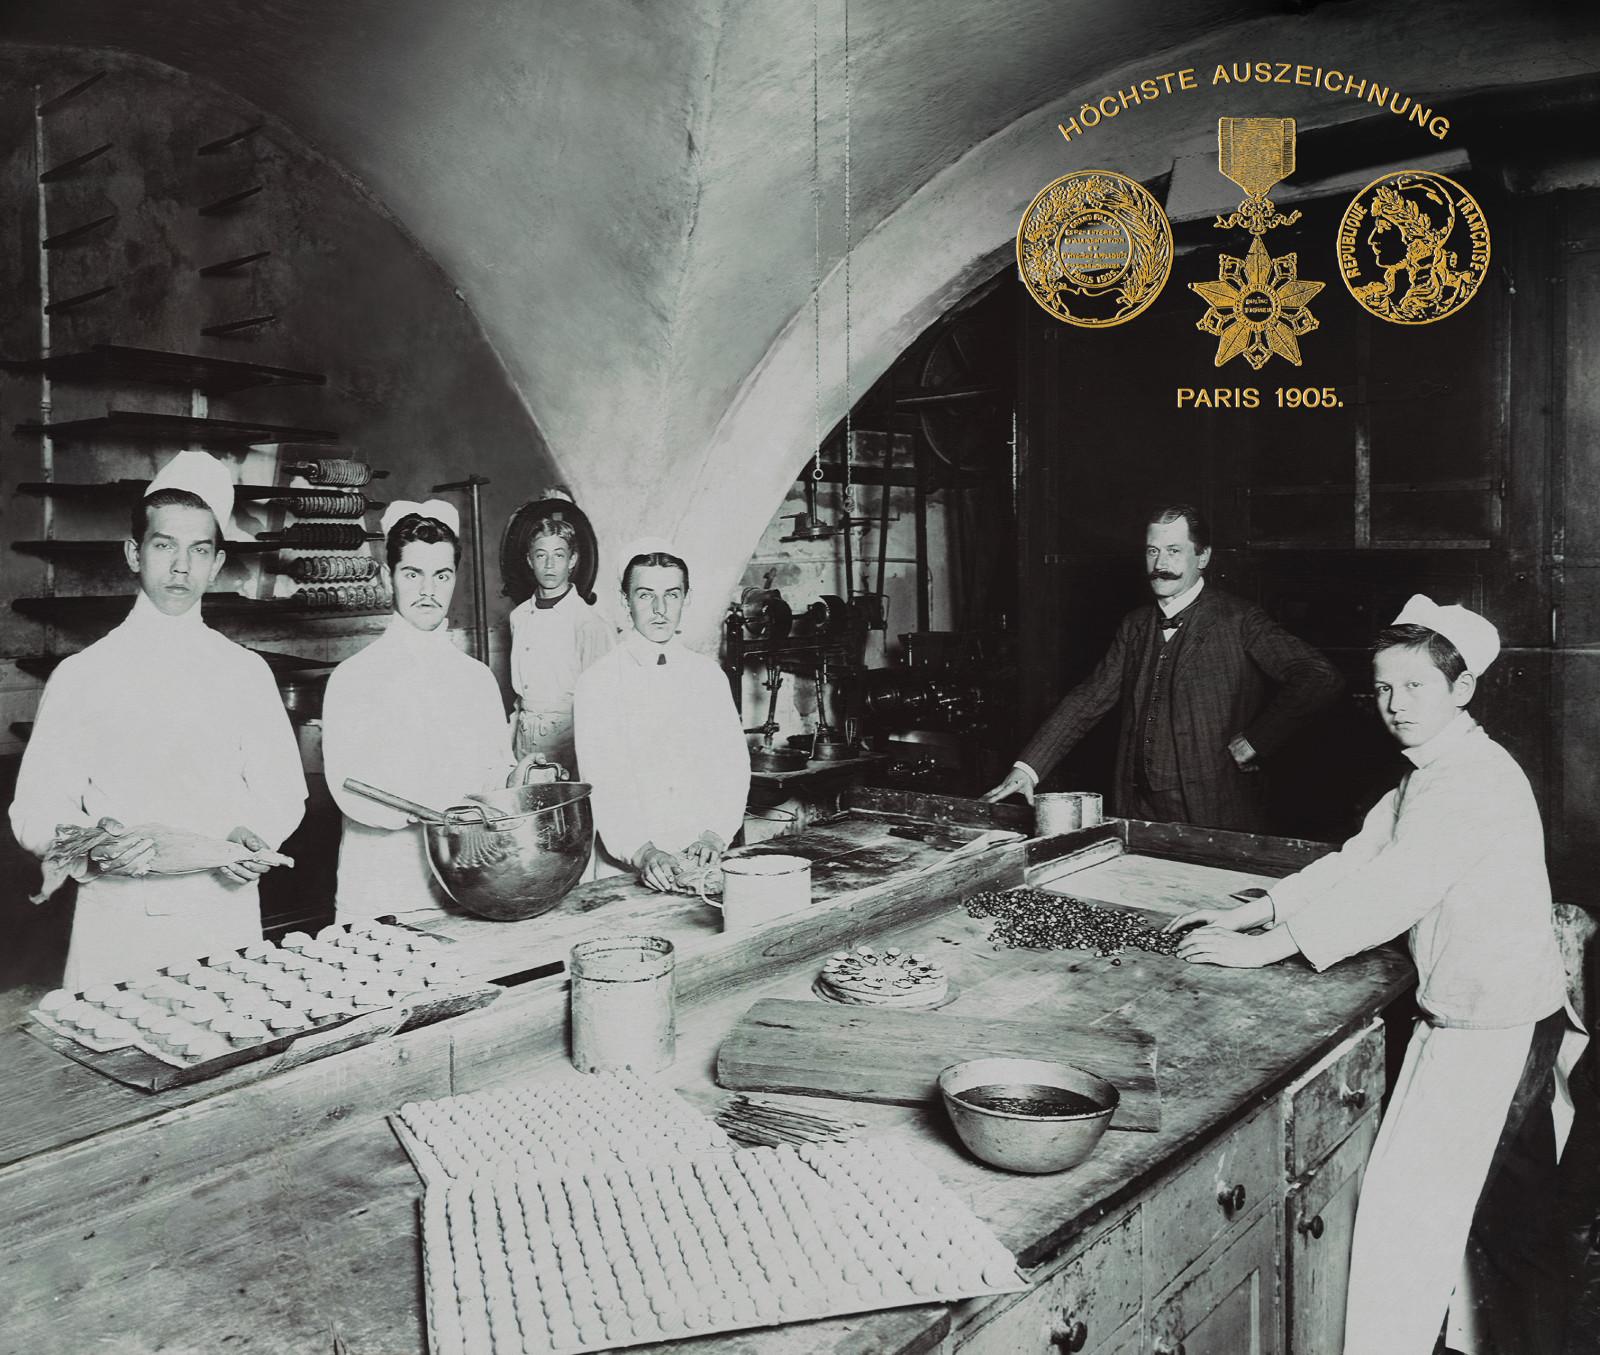 Die Konditorei und Backstube damals, 1905.